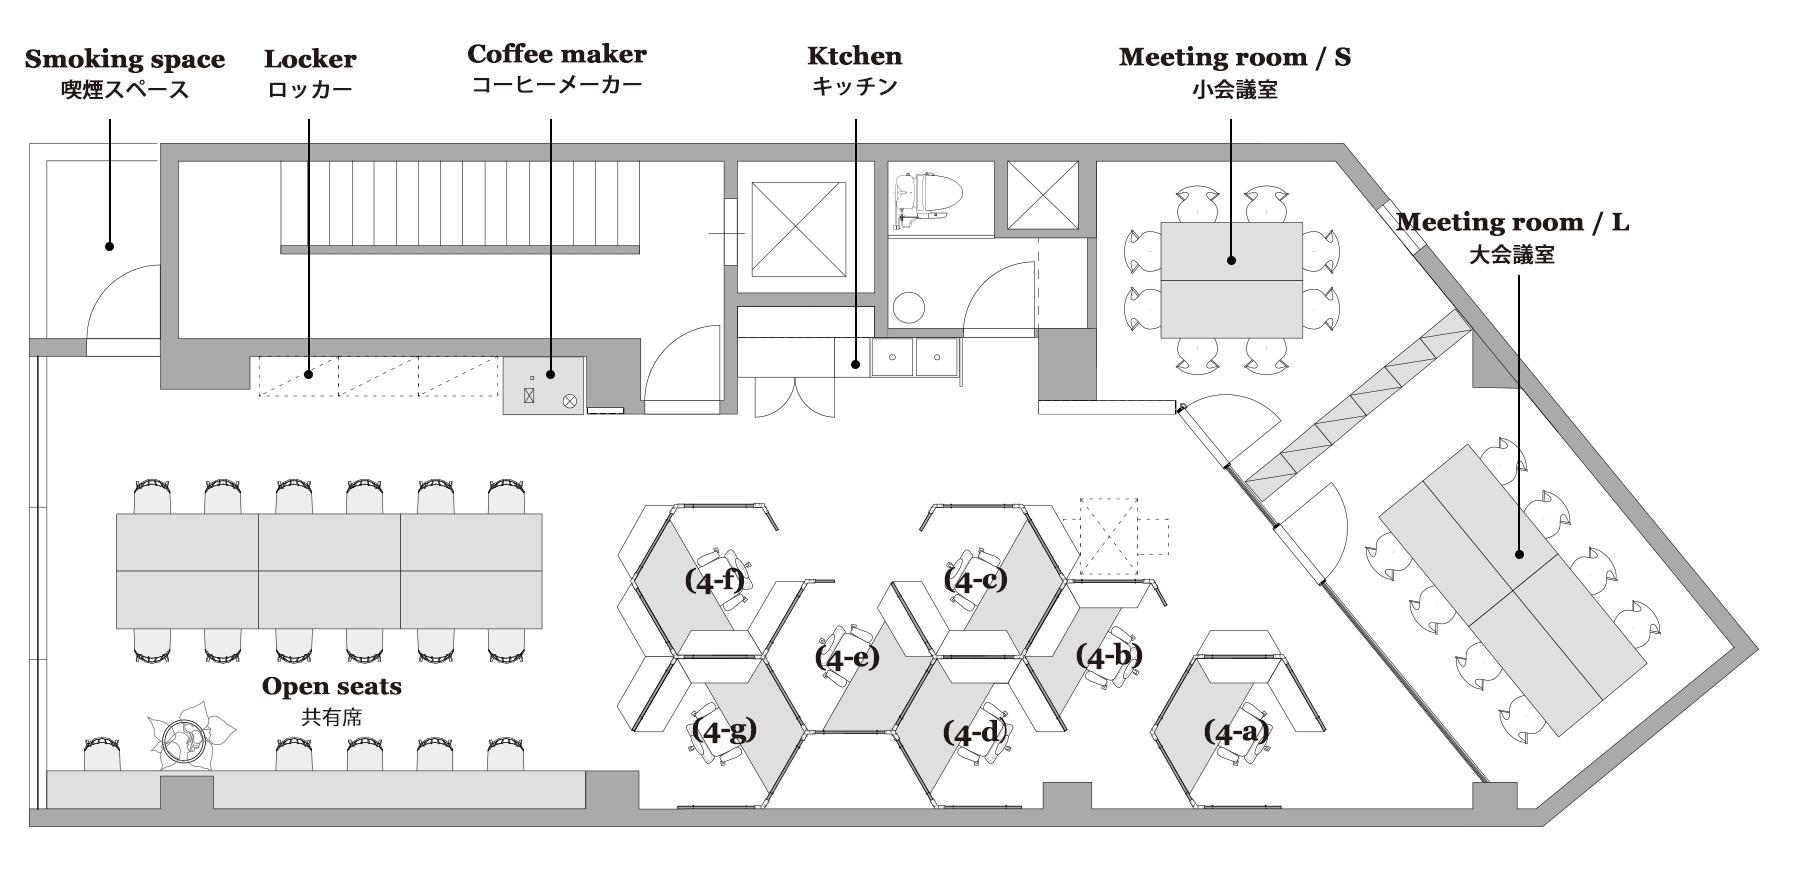 渋谷 シェアオフィス x コワーキング | Connecting The Dots SHIBUYA|4階レイアウト